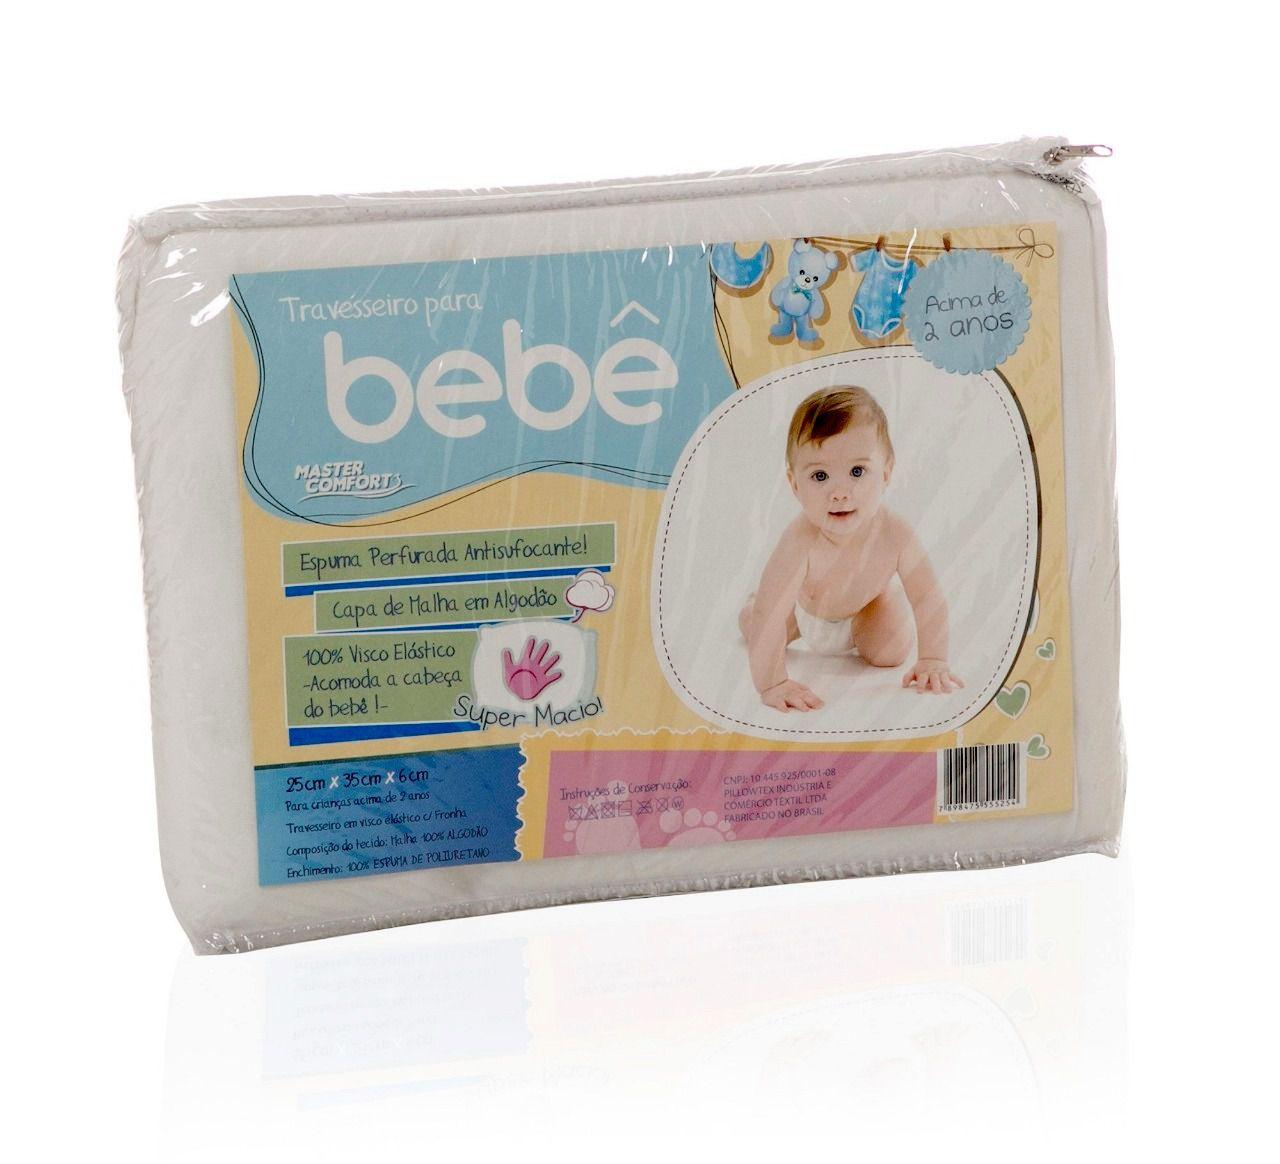 Travesseiro Infantil Baby Visco Malha - Antisufocante